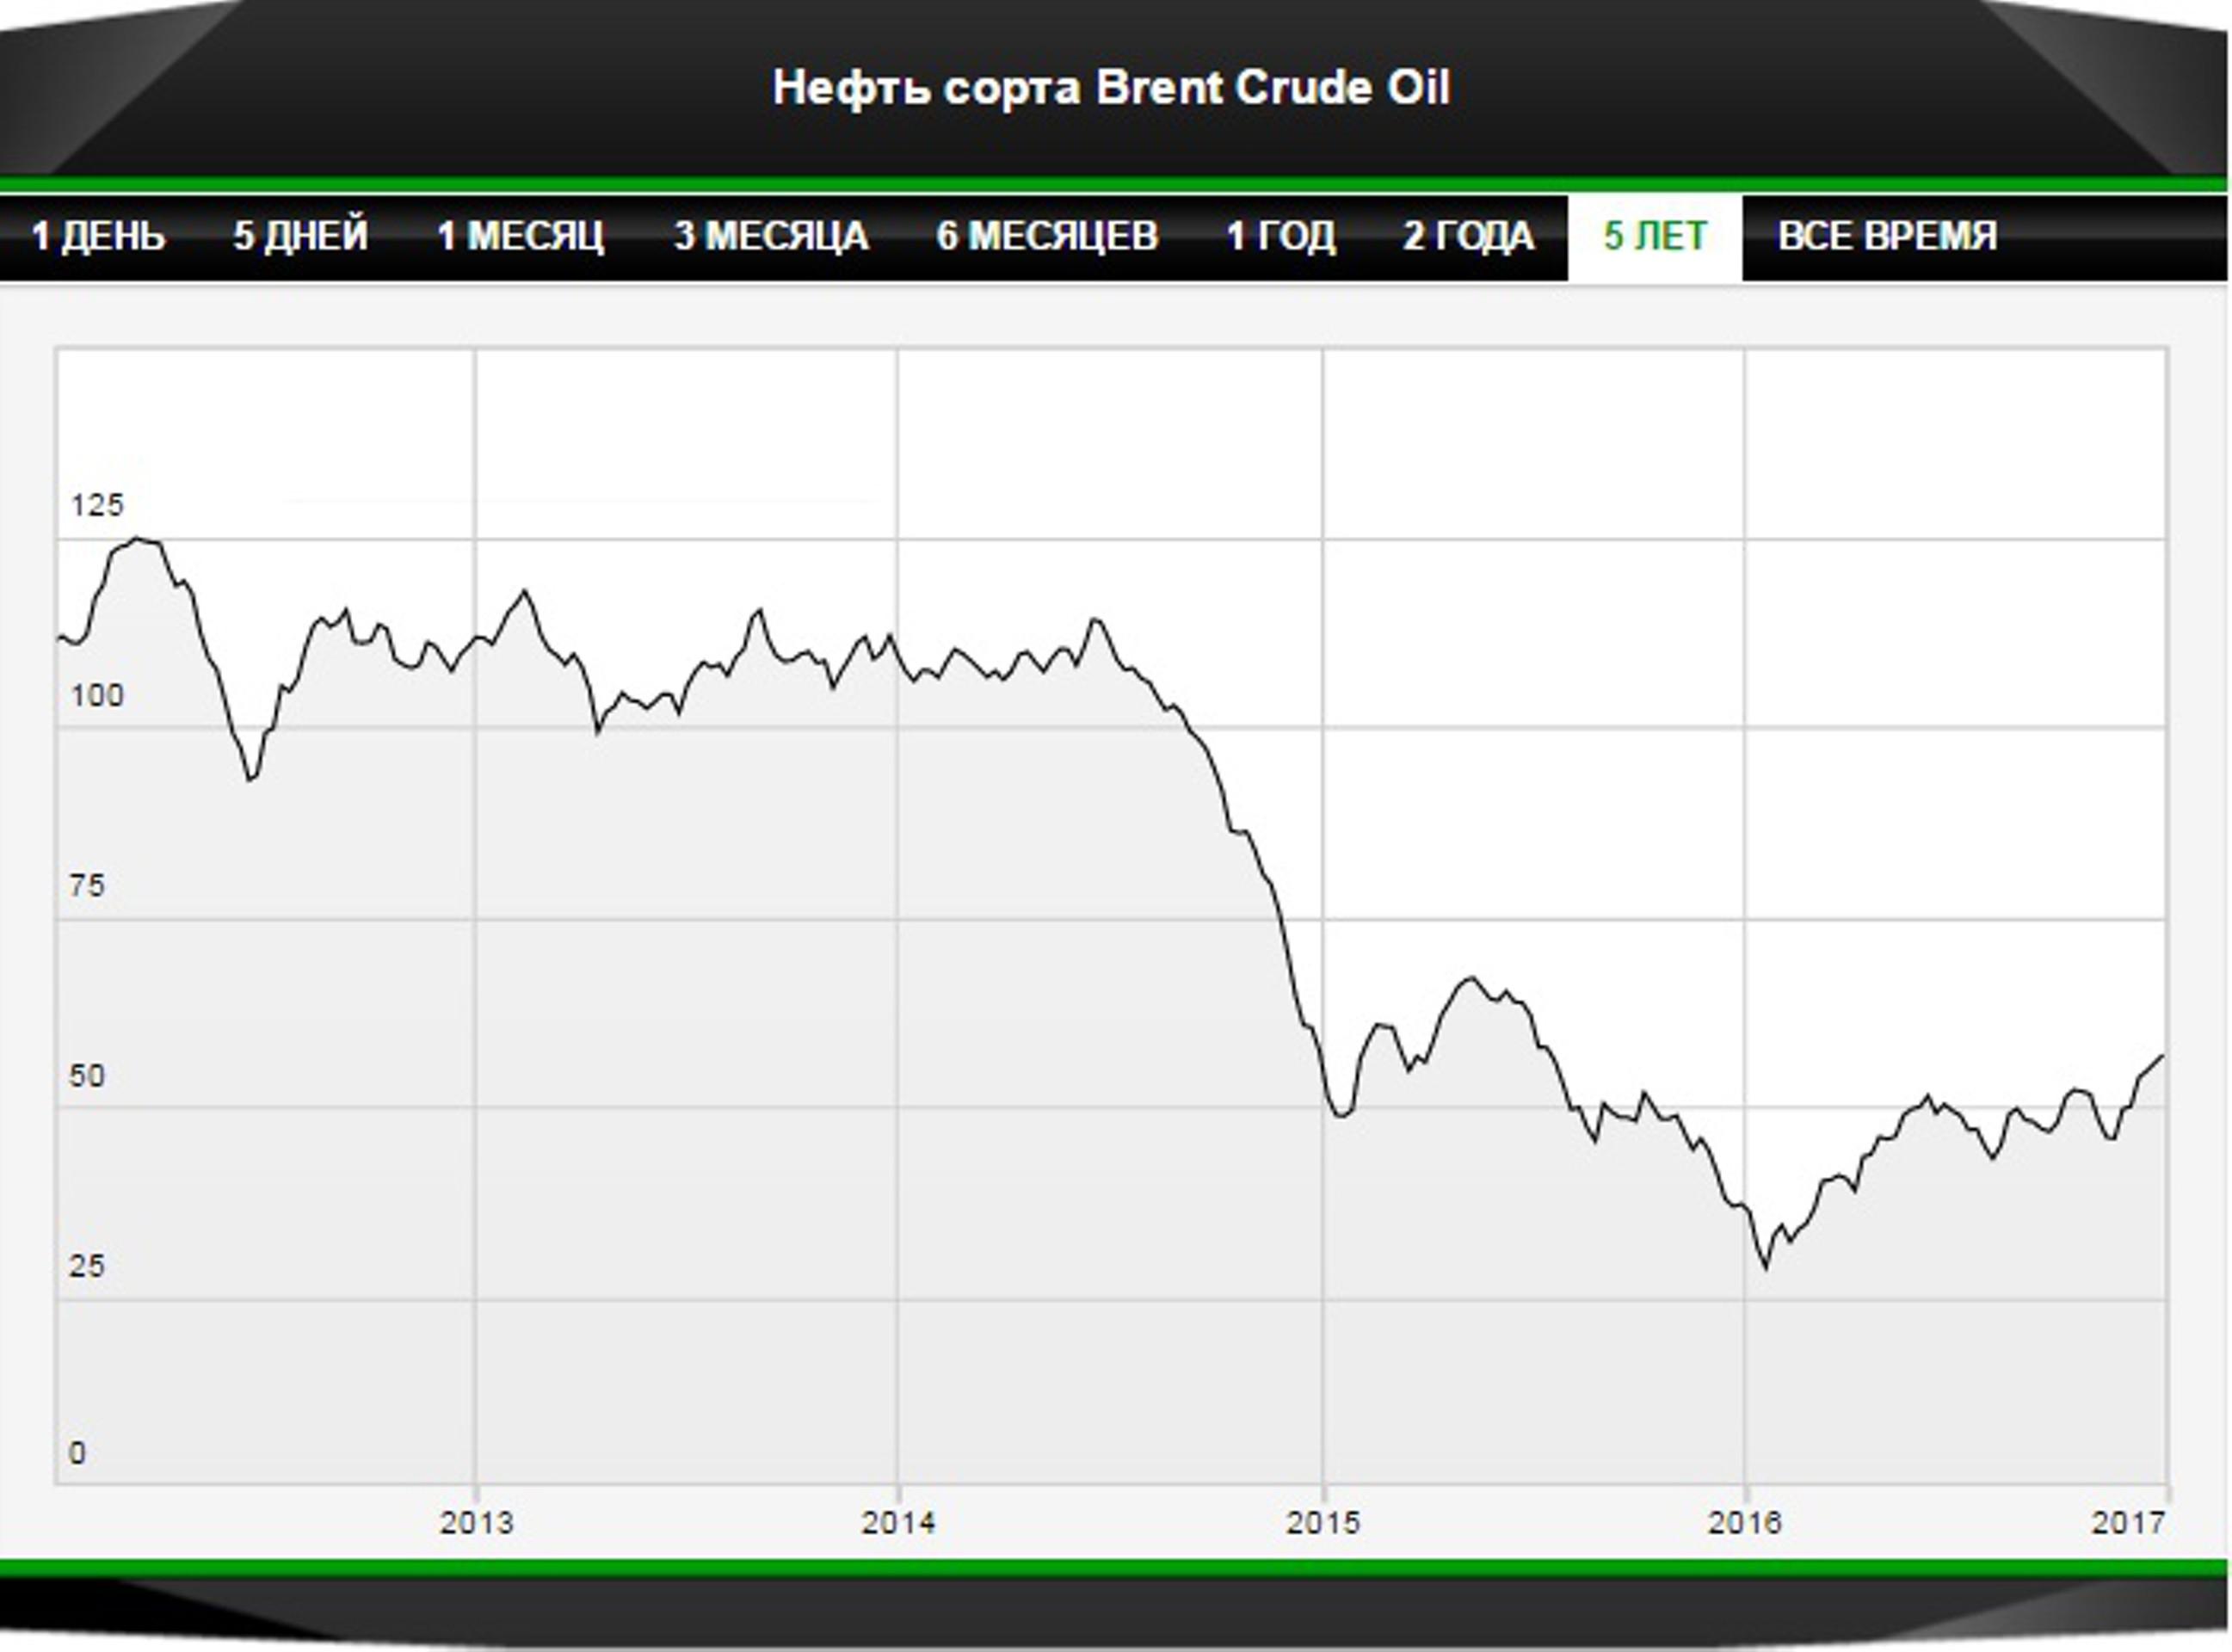 Нефть подорожала по итогам года впервые с 2012 года